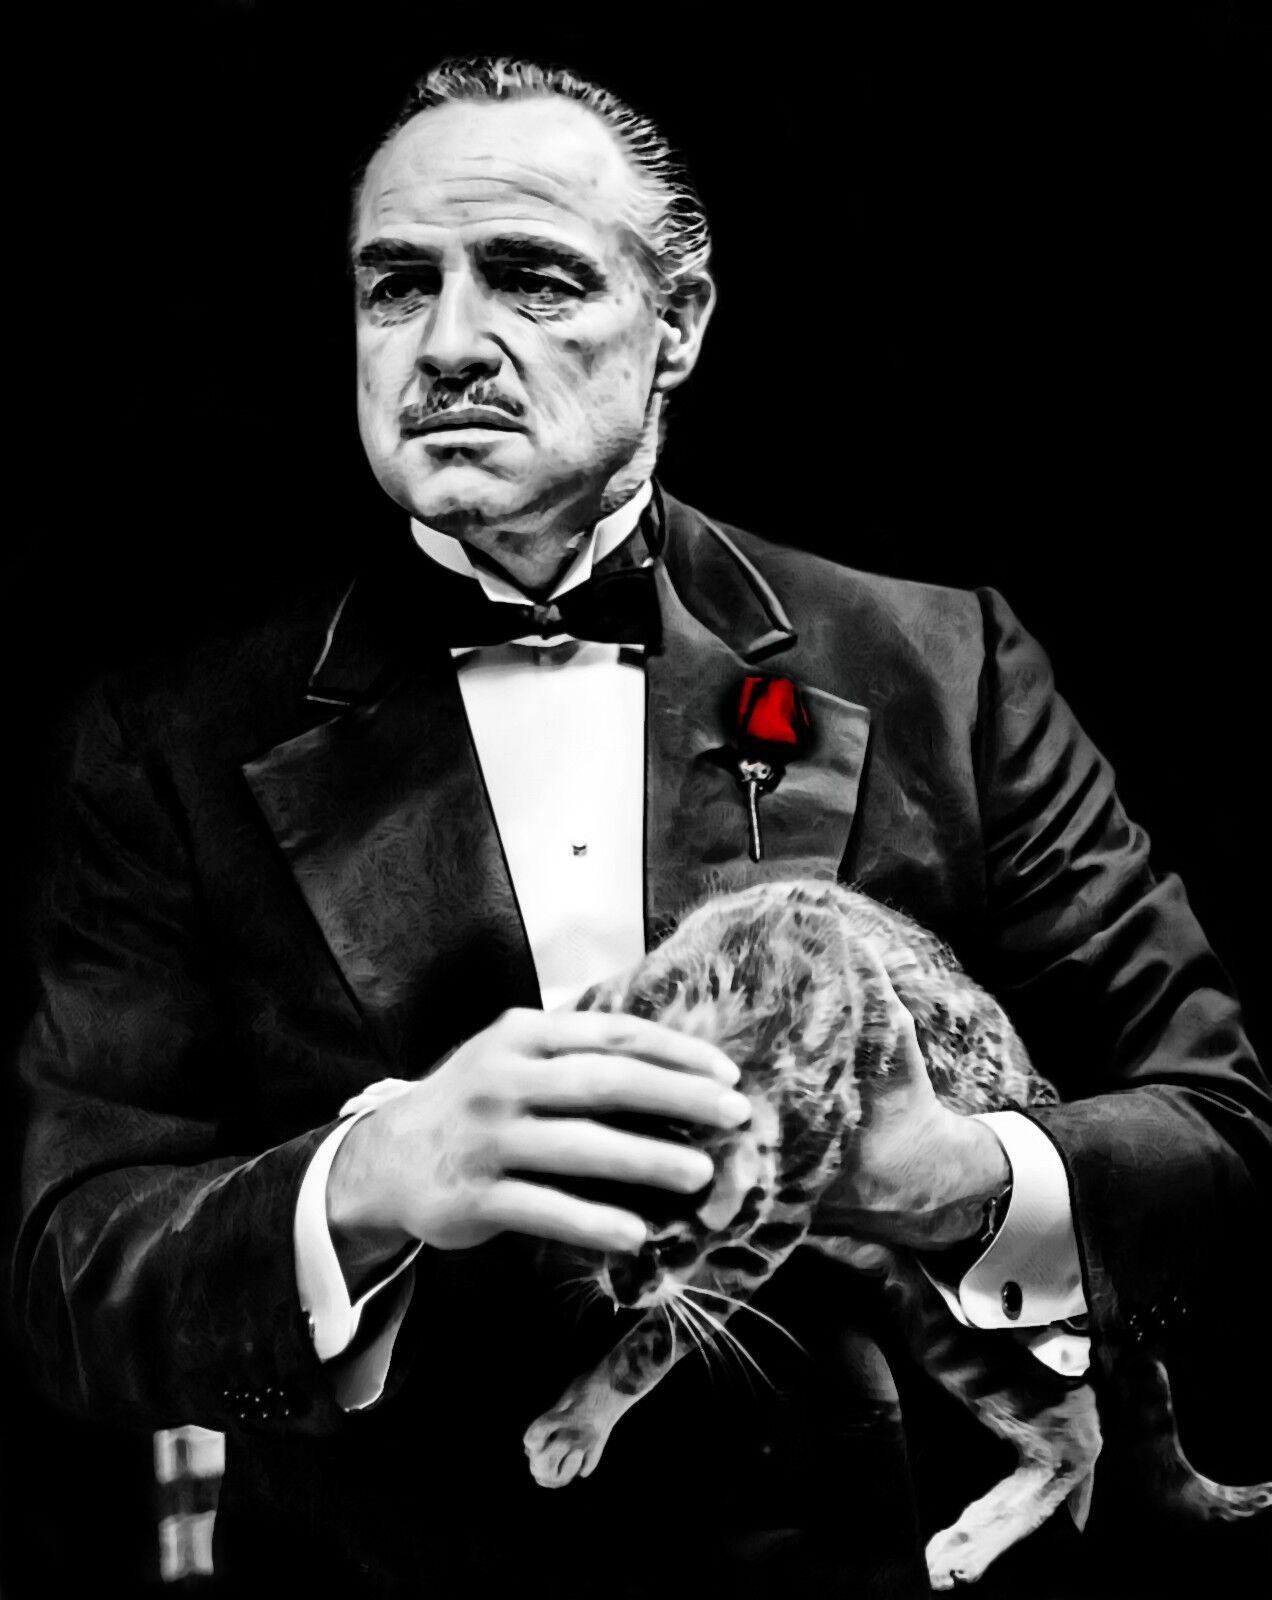 Il PADRINO-Don Corleone GANGSTER MOVIE art poster di grandi dimensioni tela foto